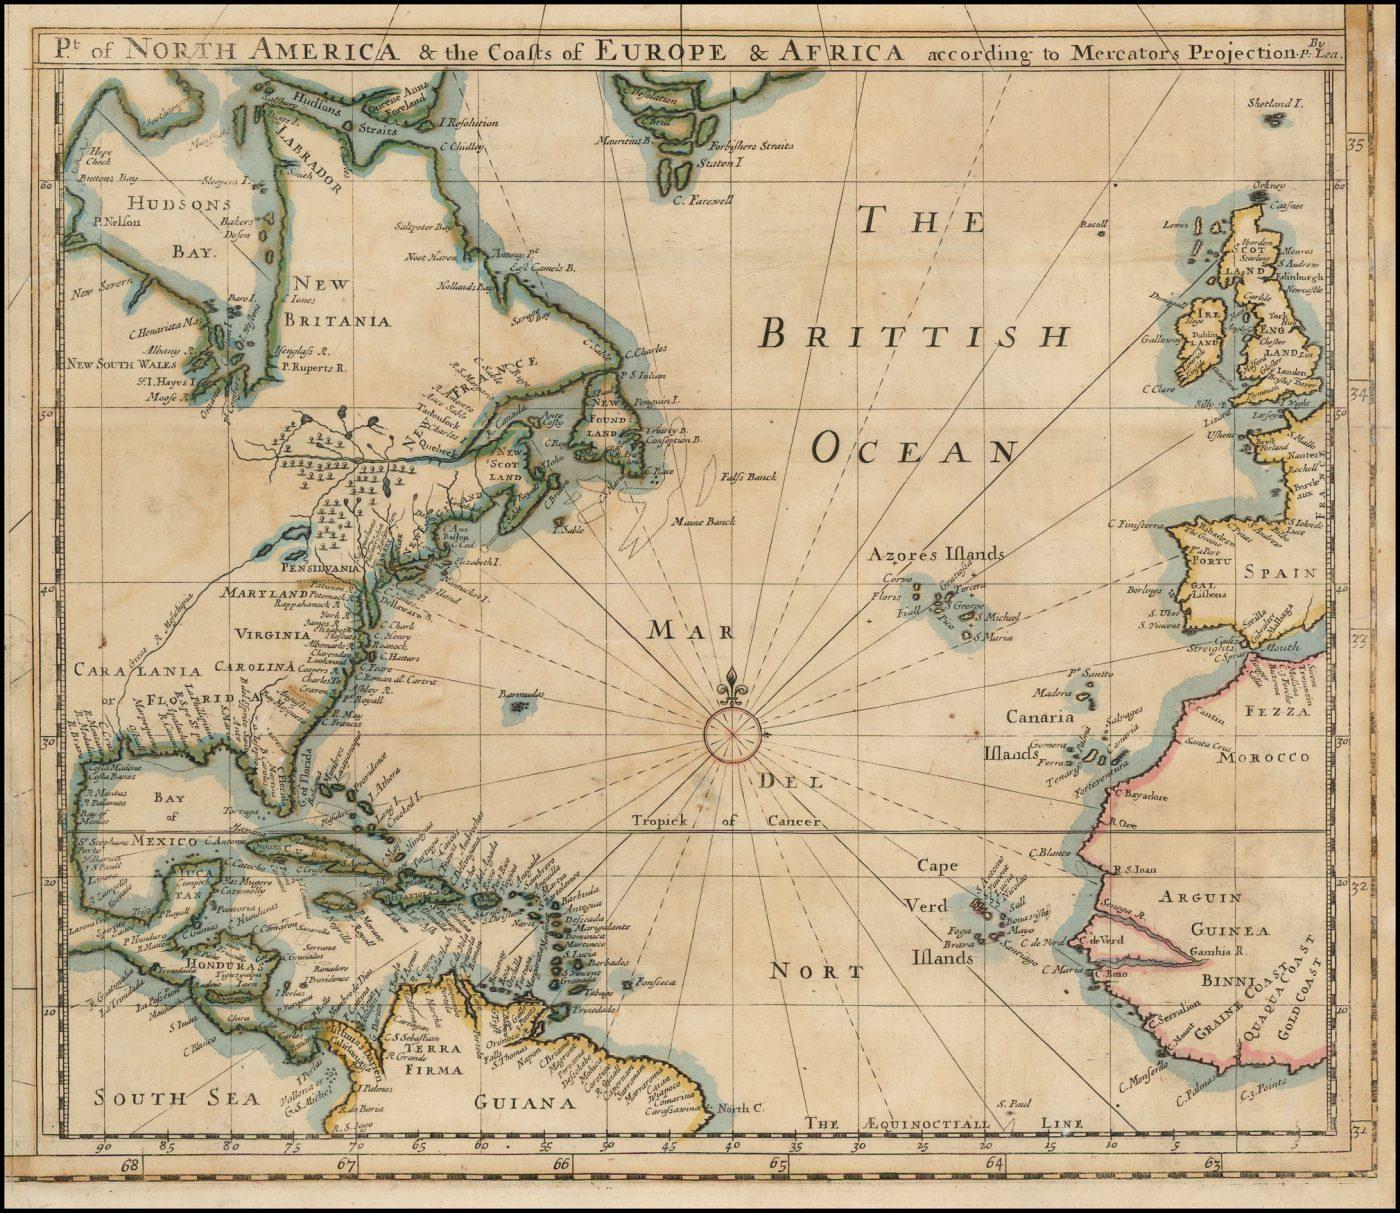 Второй сохранившийся пример отдельно изданной карты Северной Америки Филиппа Леа